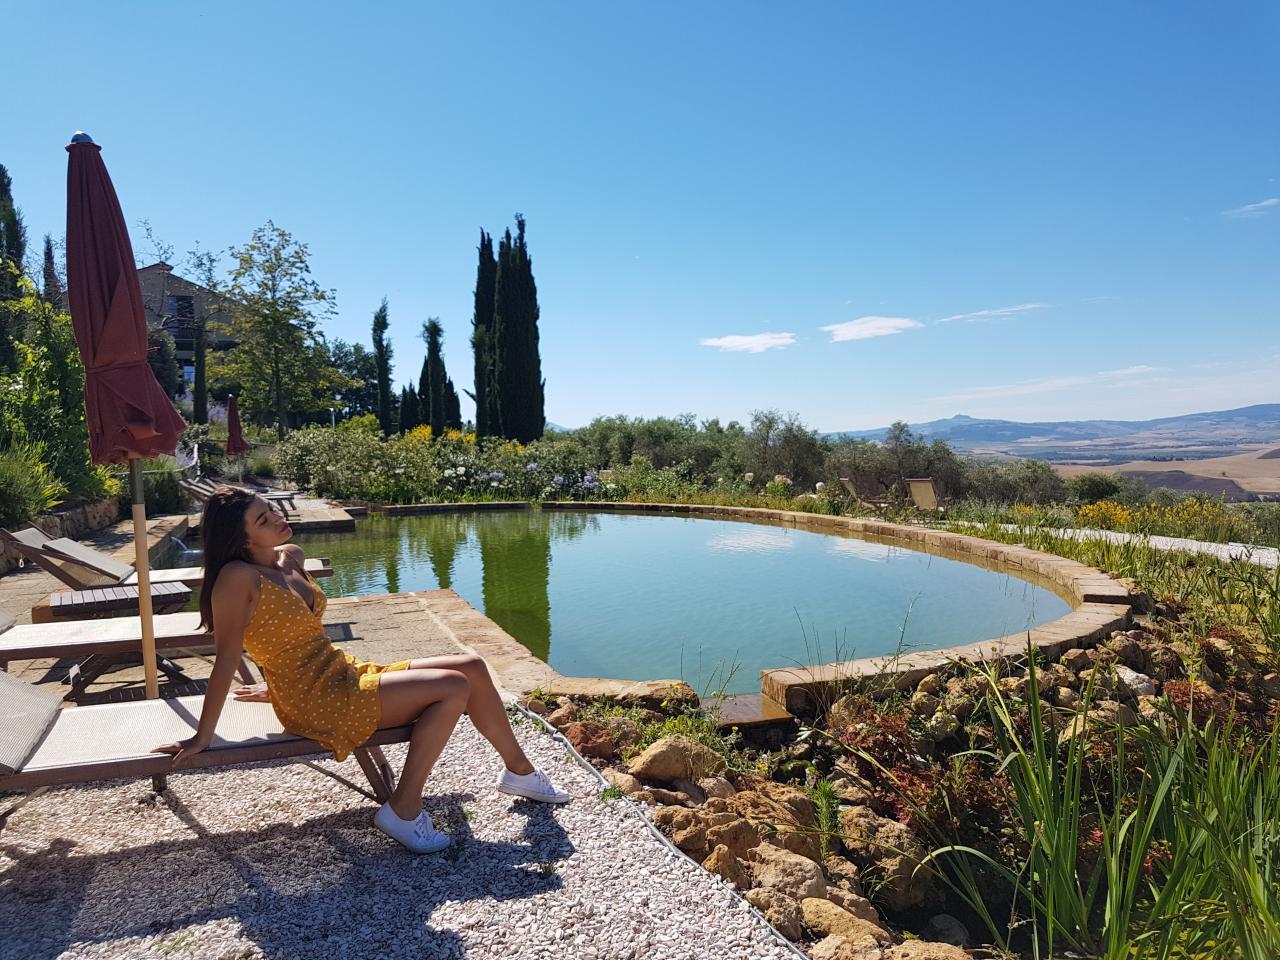 a440 in tuscany vojagon piscina esterna val d'orcia